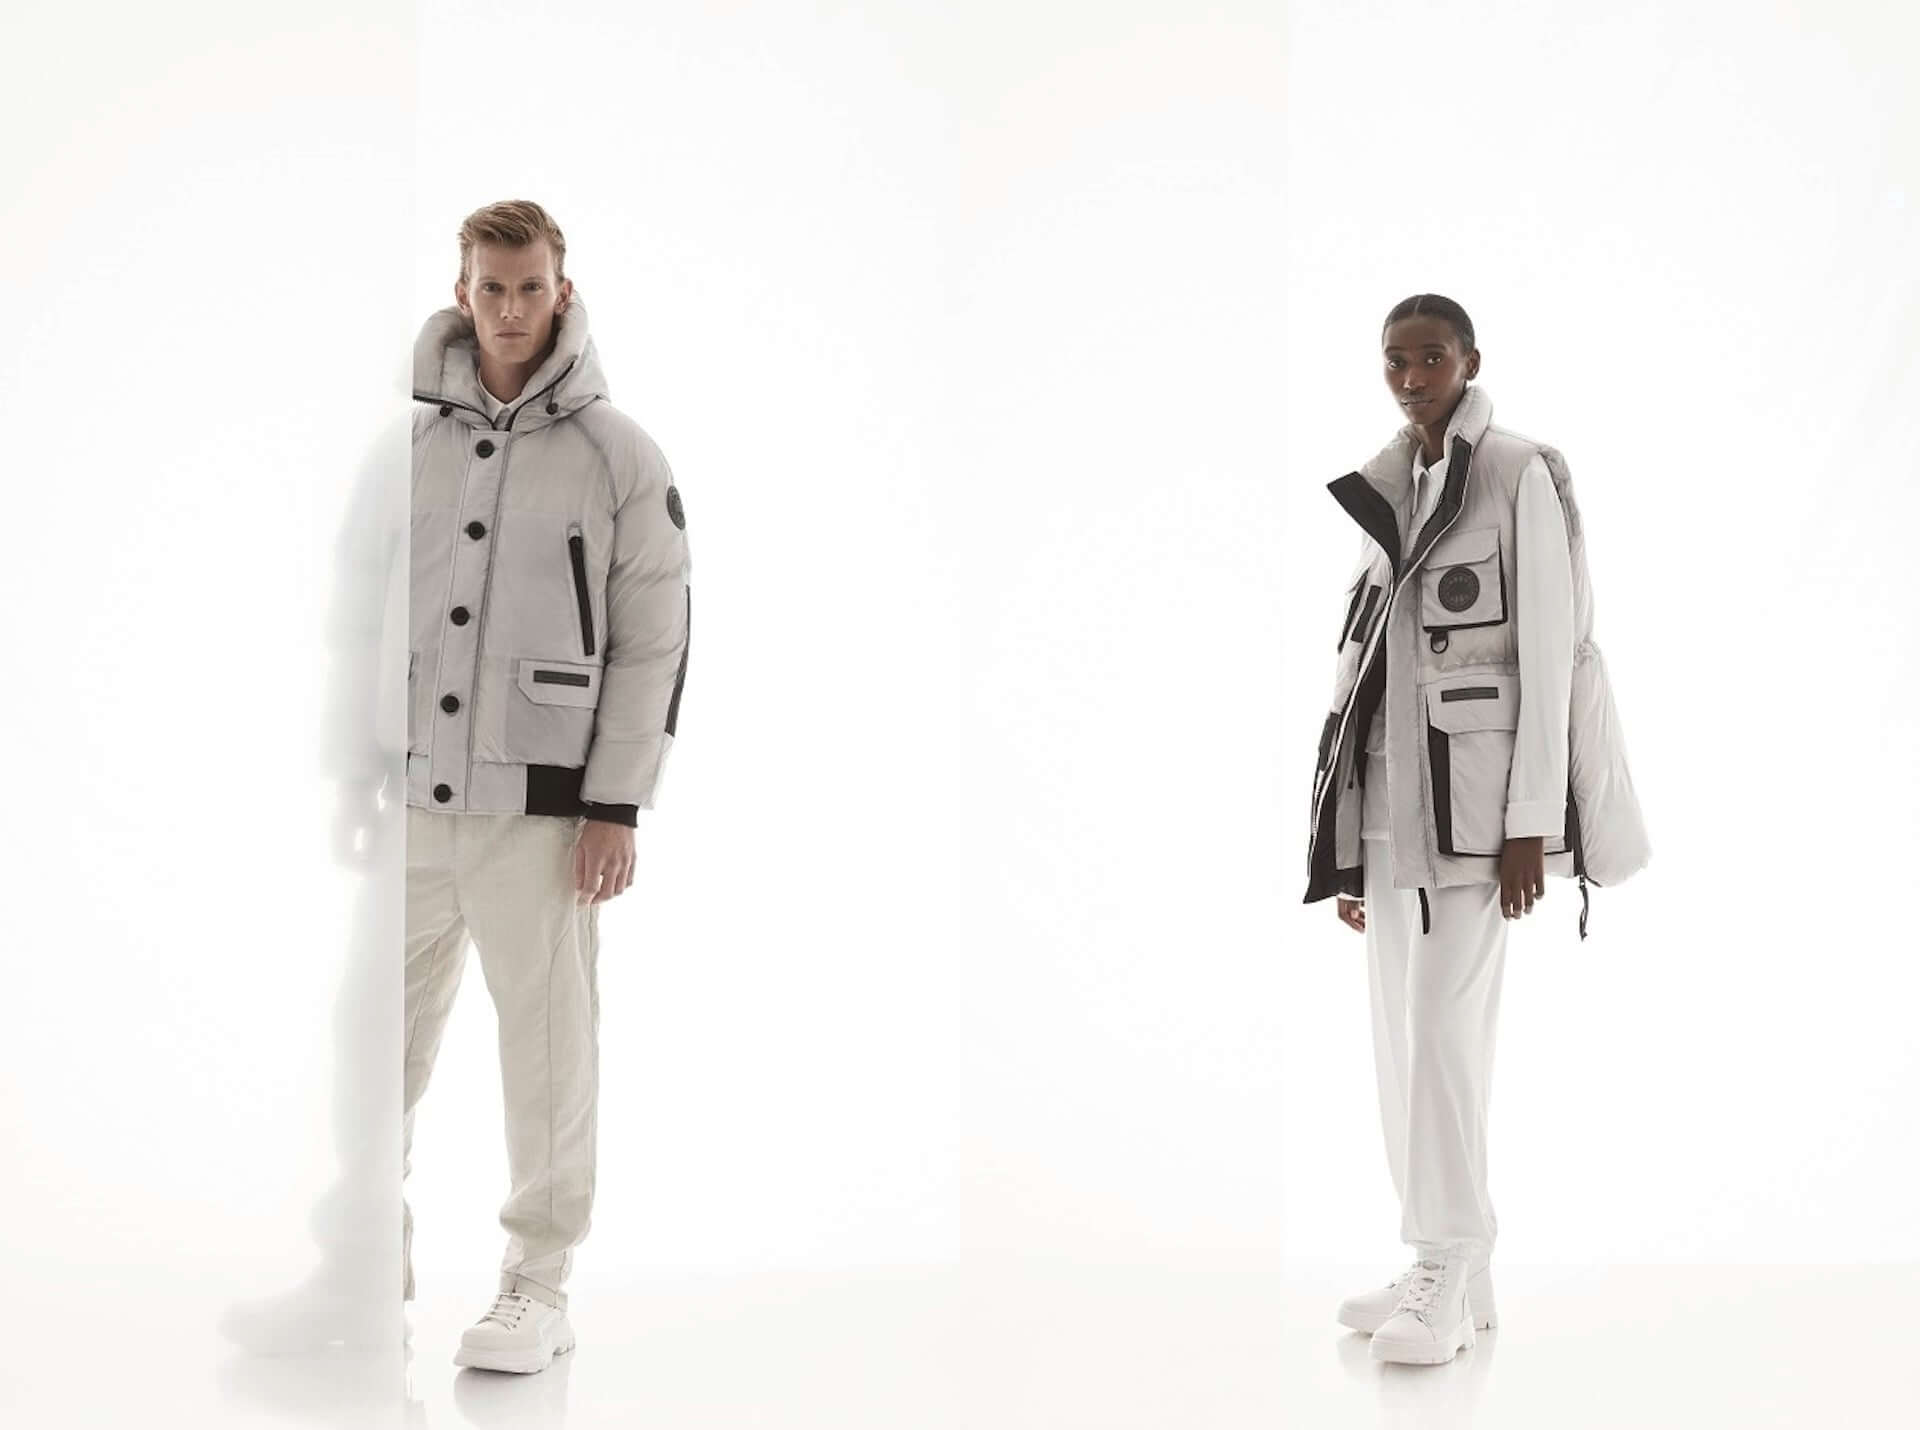 カナダグースの新コレクション「THE ICONS X-RAY COLLECTION」が発売決定!冬の寒さから身を守るジャケット、ベストなどが登場 lf201124_canadagoose_3-1920x1430